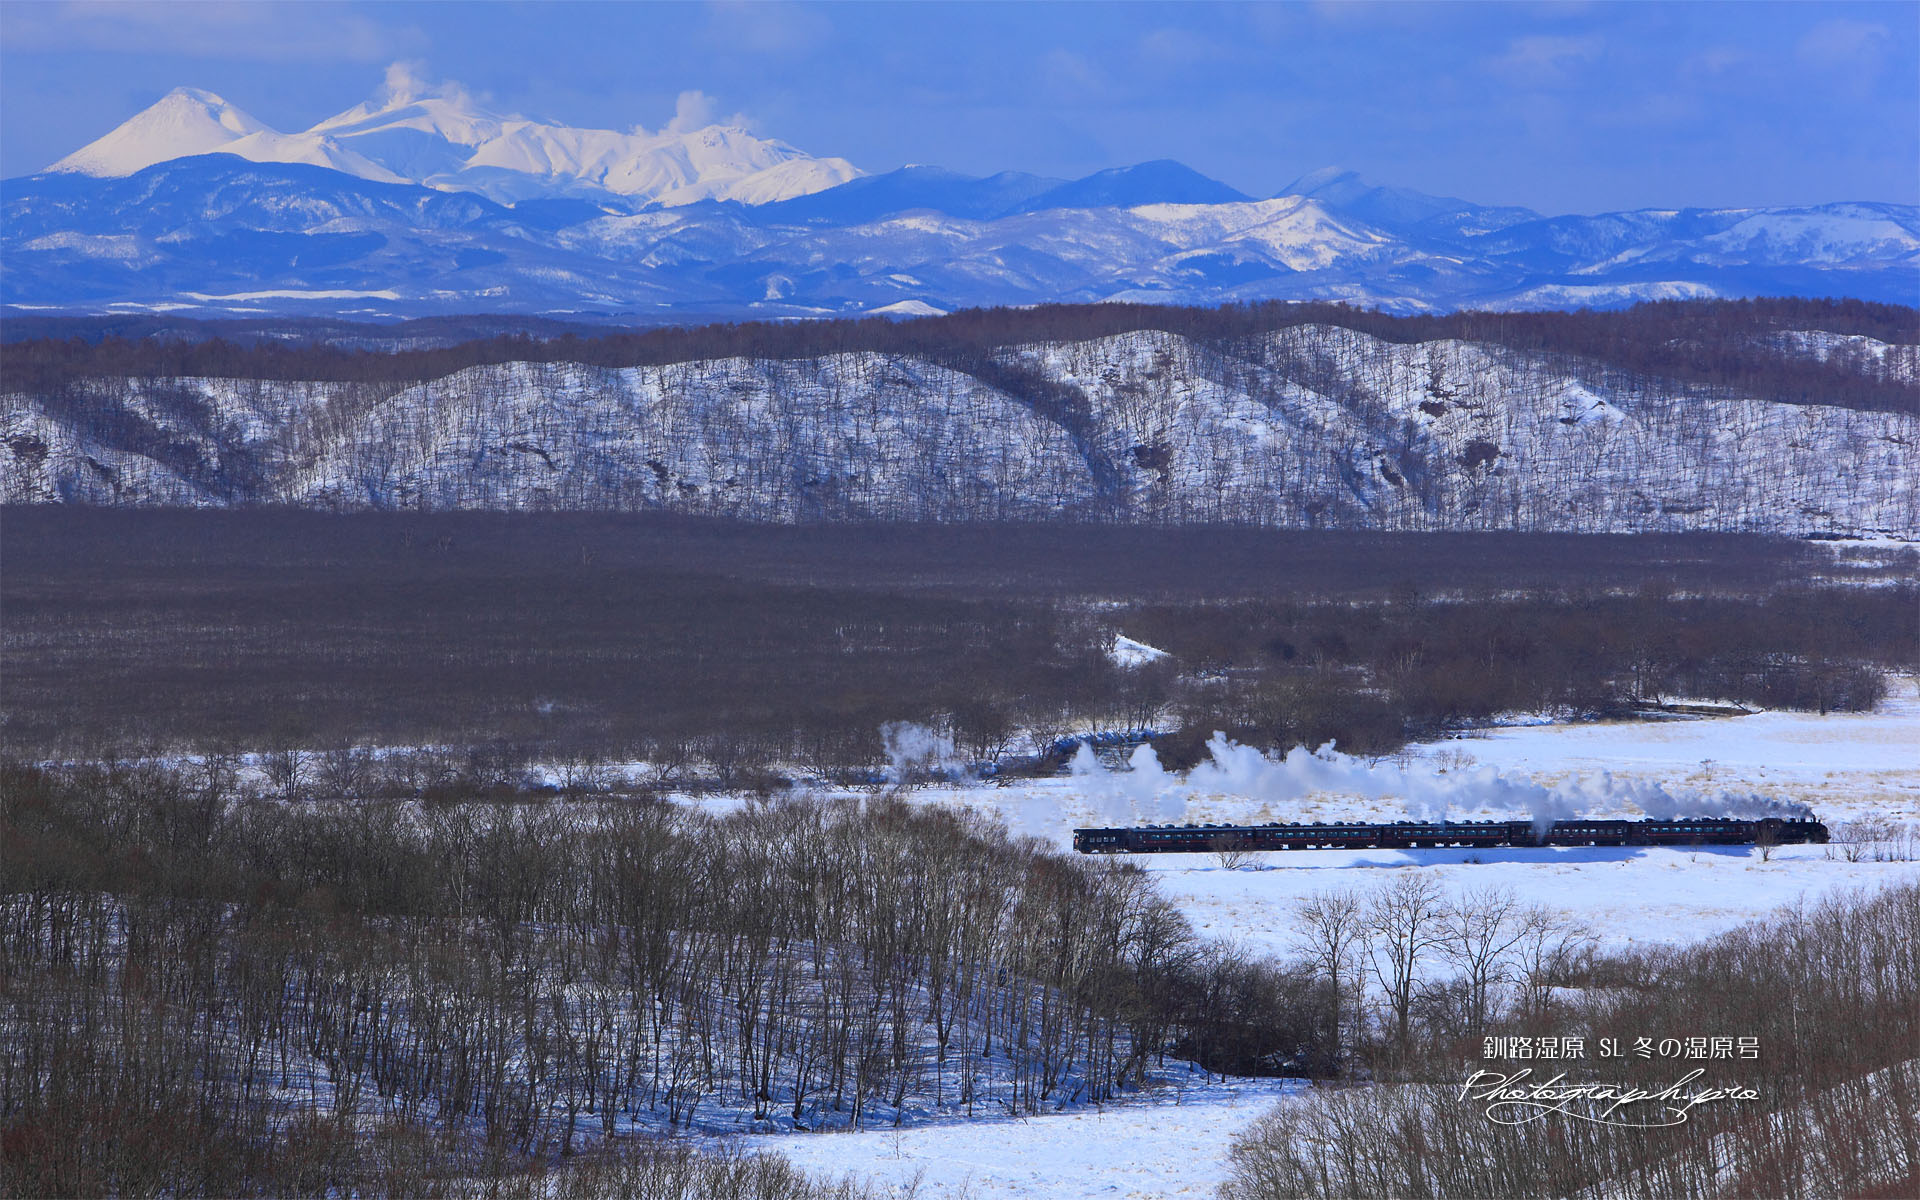 釧路湿原のSL冬の湿原号